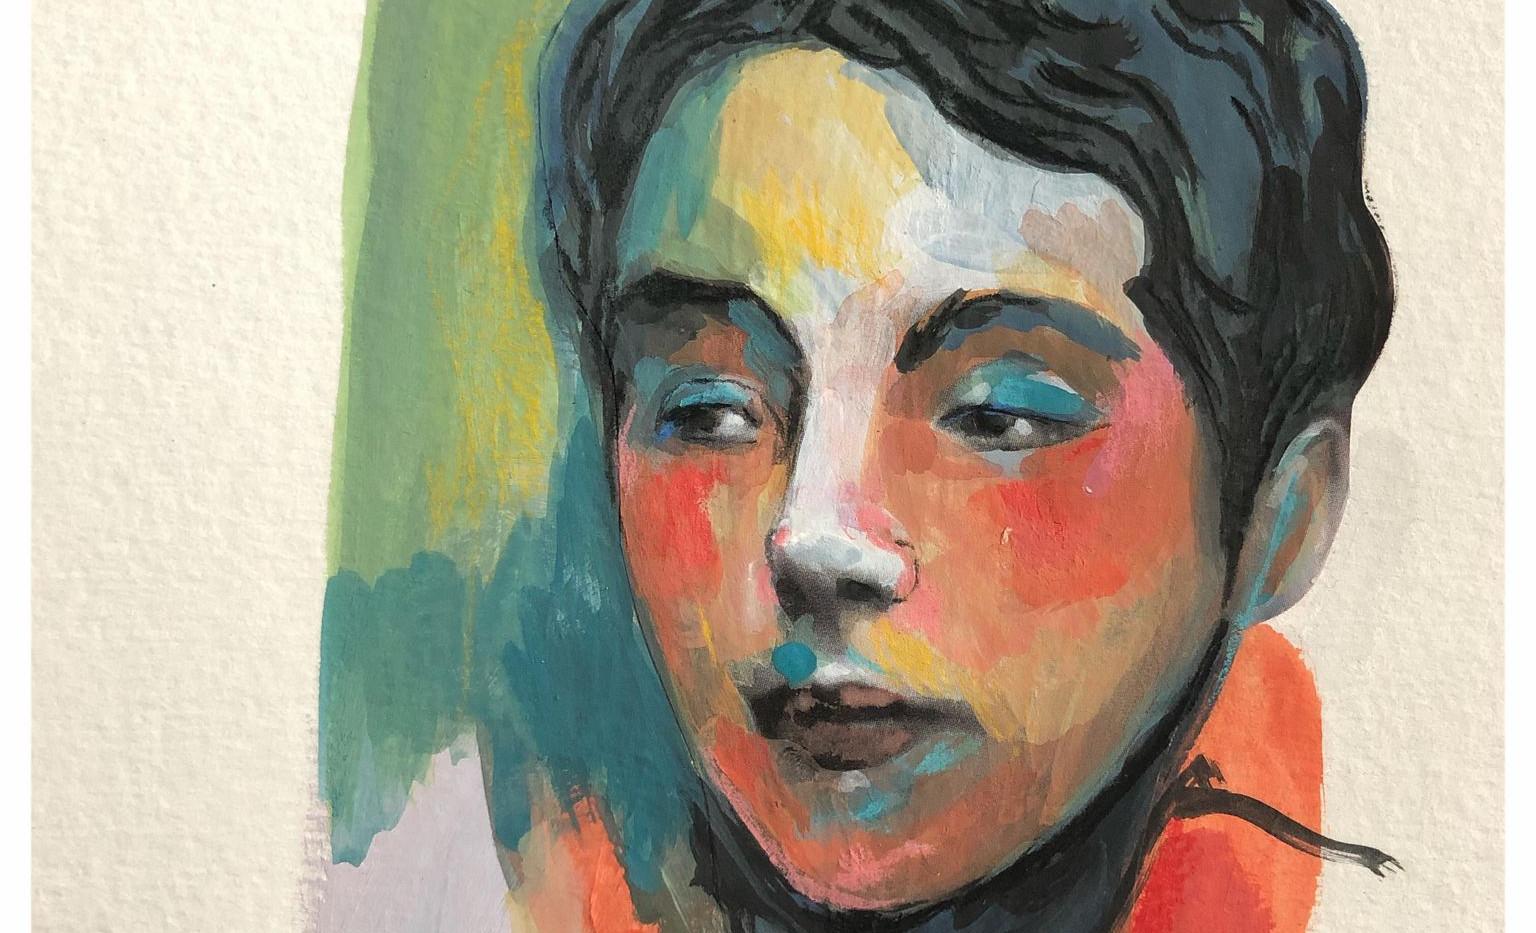 Portrait n°1  Dessin 13 x 18 Cadre 19 x 25  Passe partout et verre.  Gouache acrylique et crayon sur papier  réservé